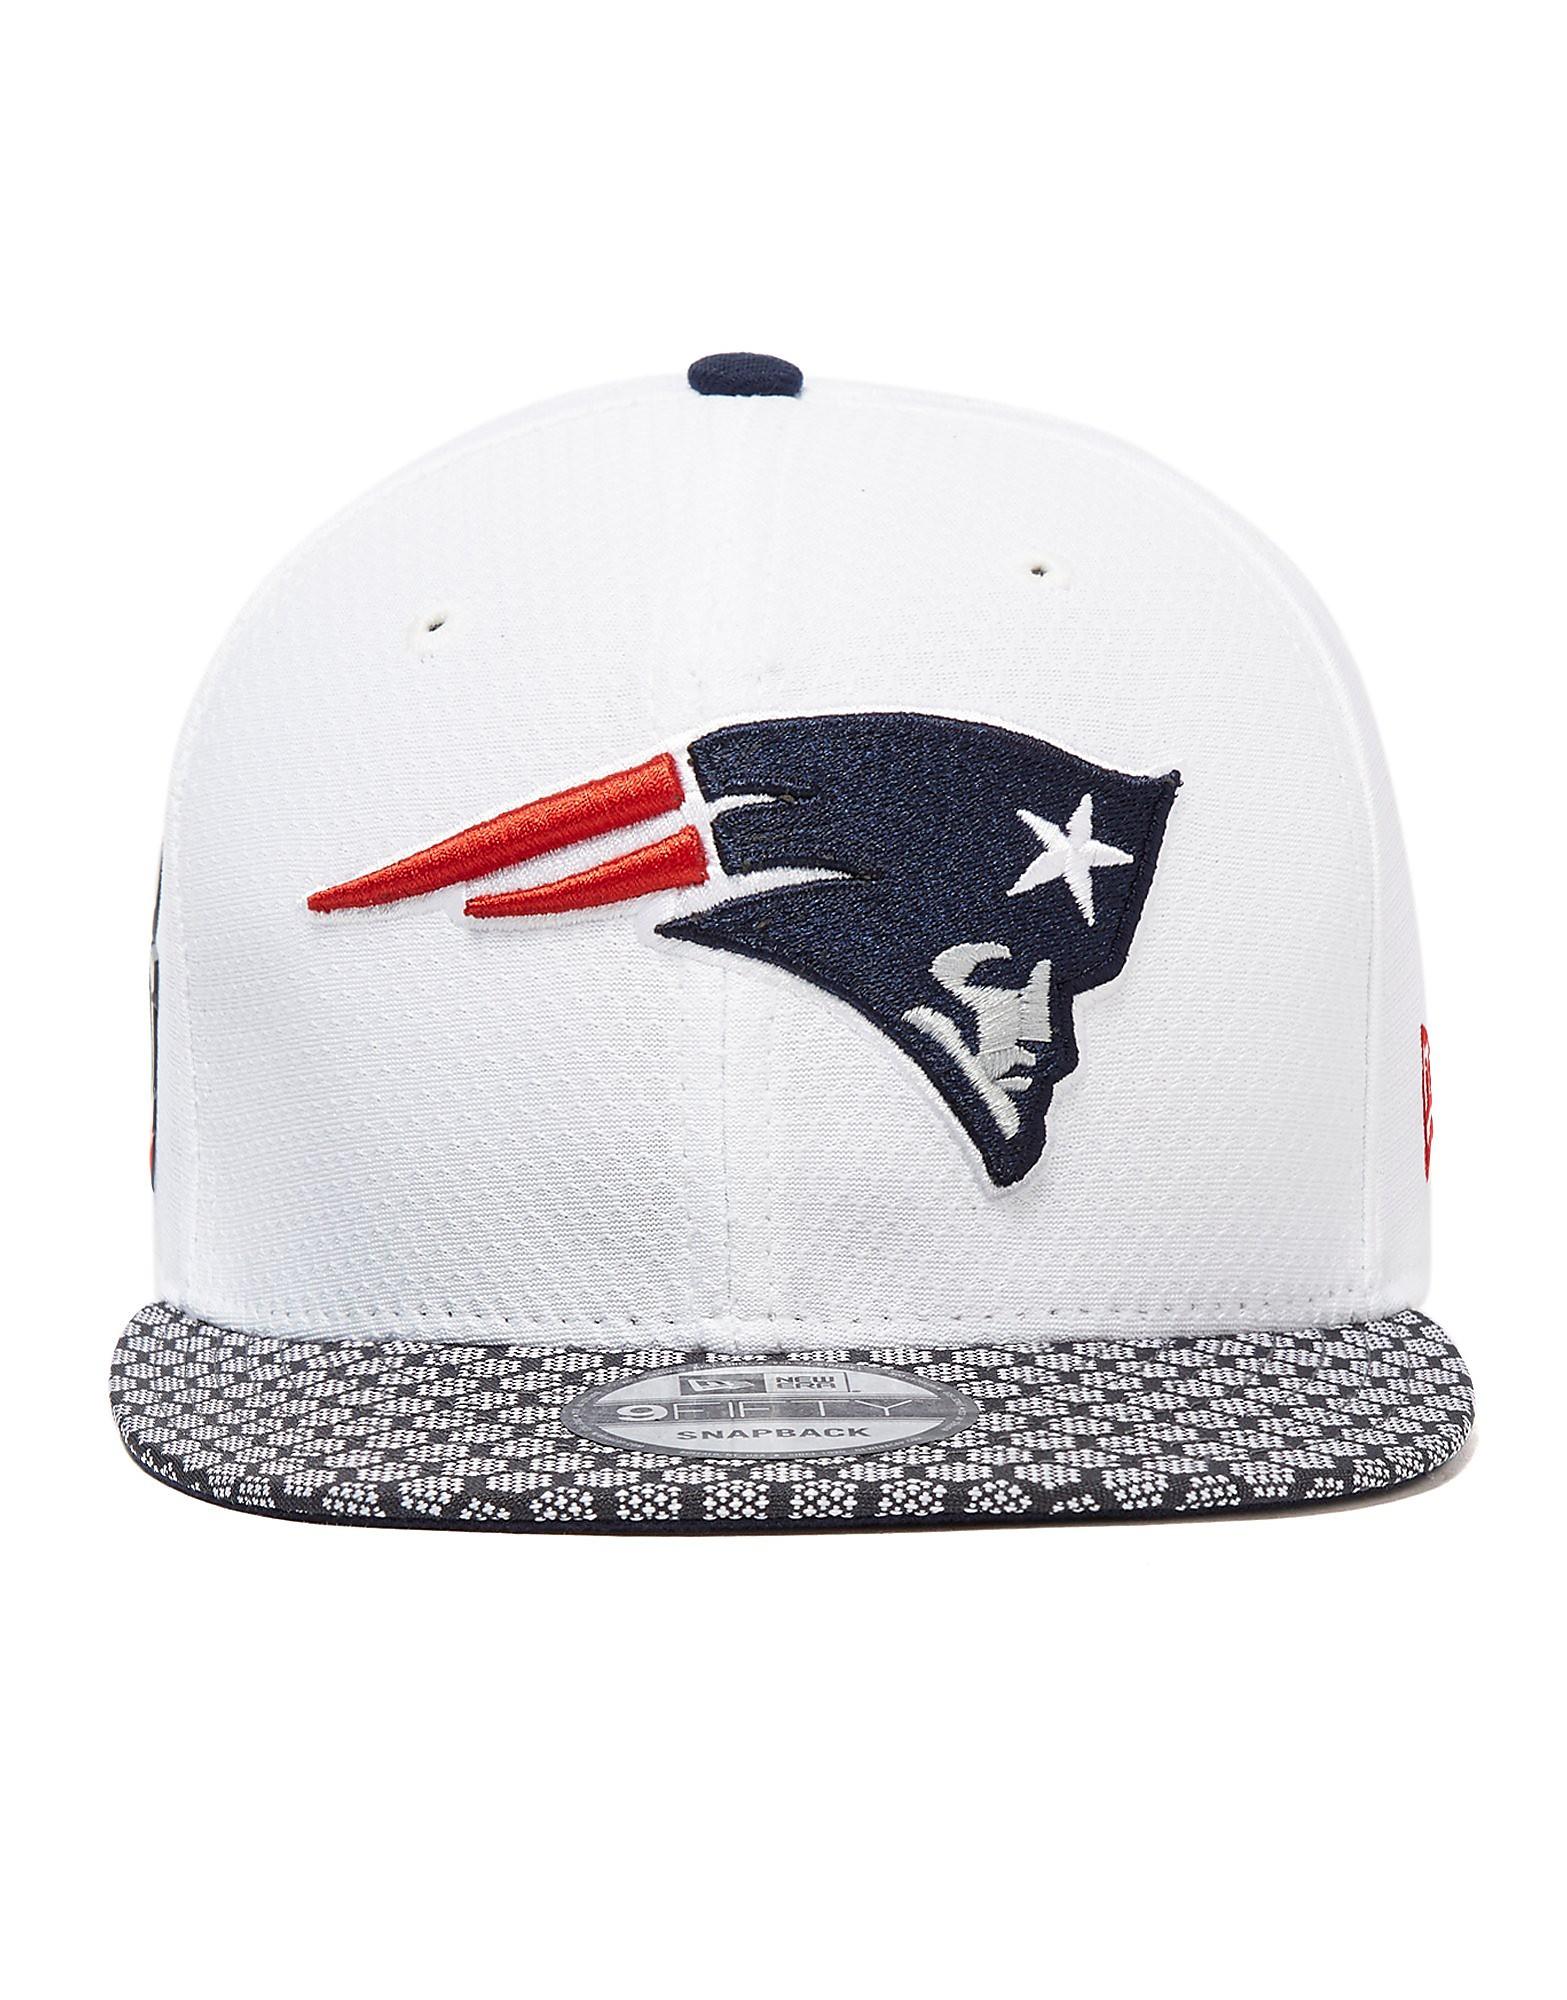 New Era NFL New England Patriots 9FIFTY Snapback Cap